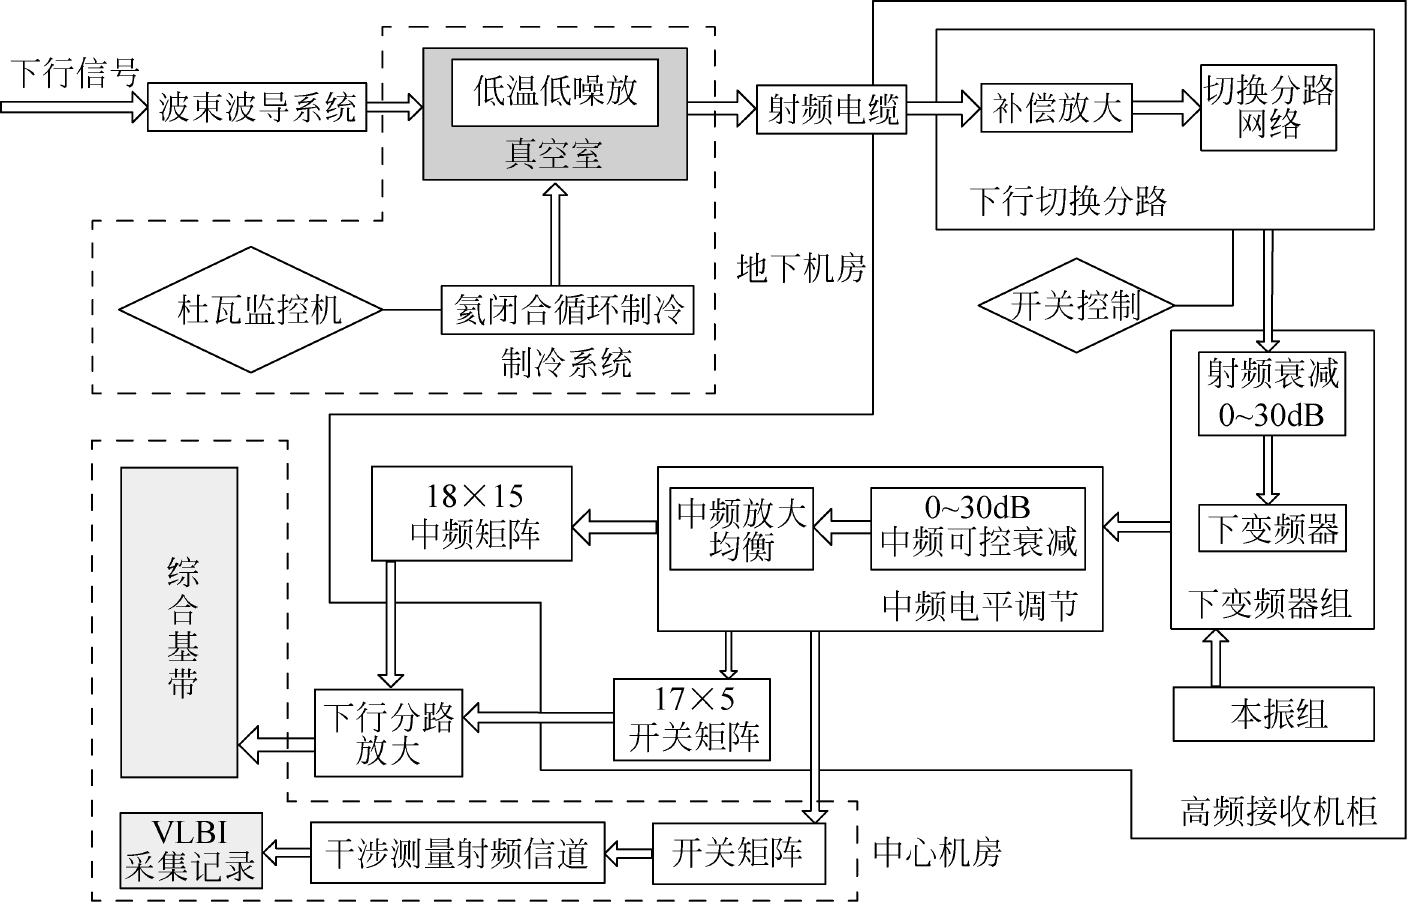 深空网高频接收系统的工作原理及信号流程